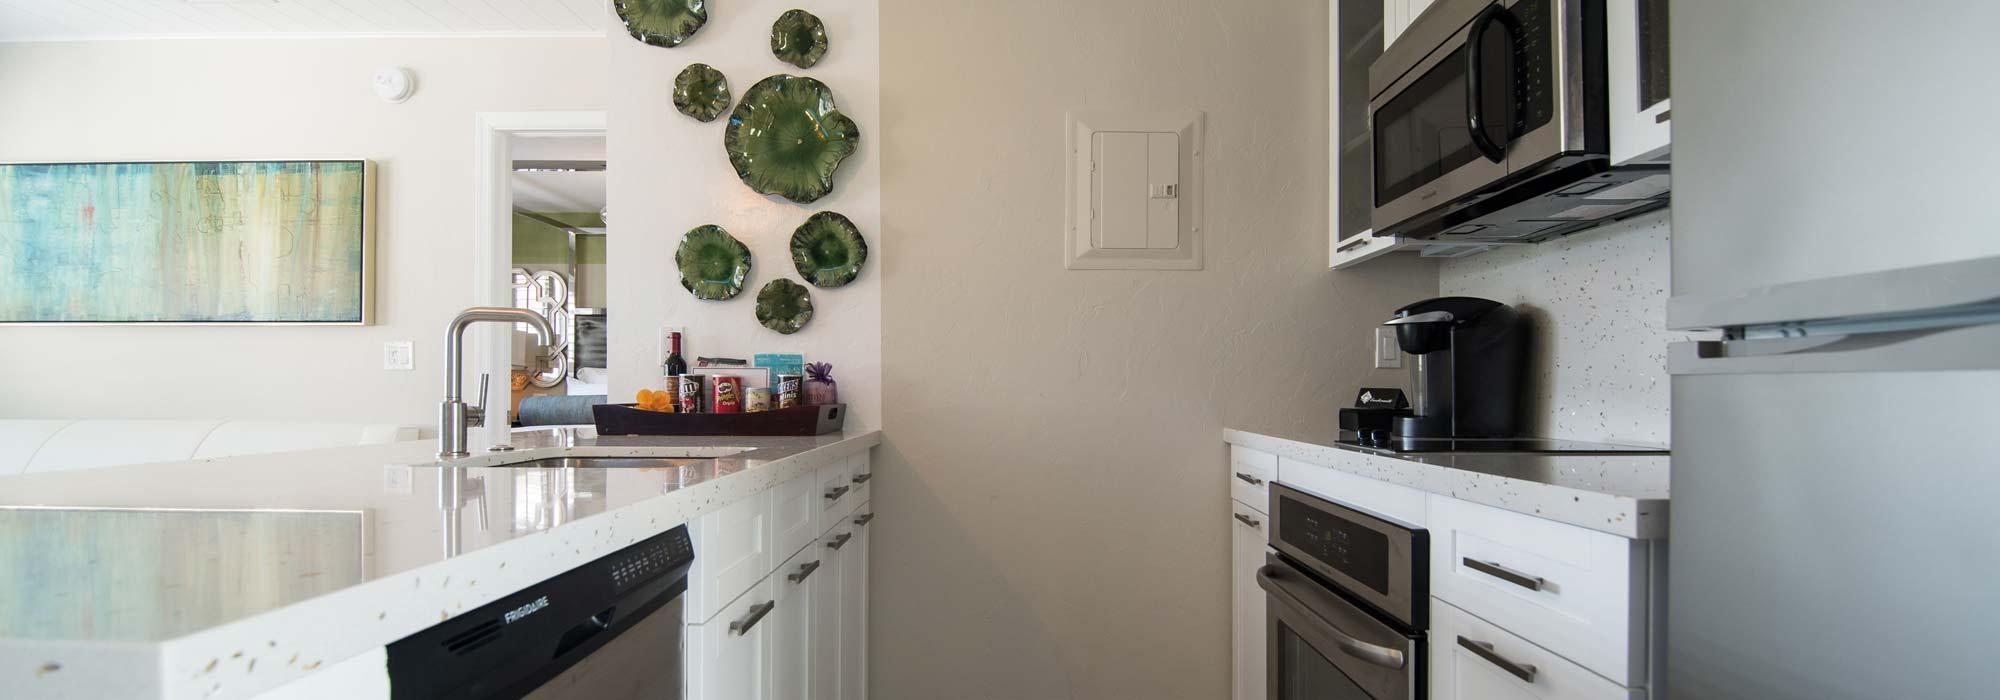 Luxury Villa Full Kitchen